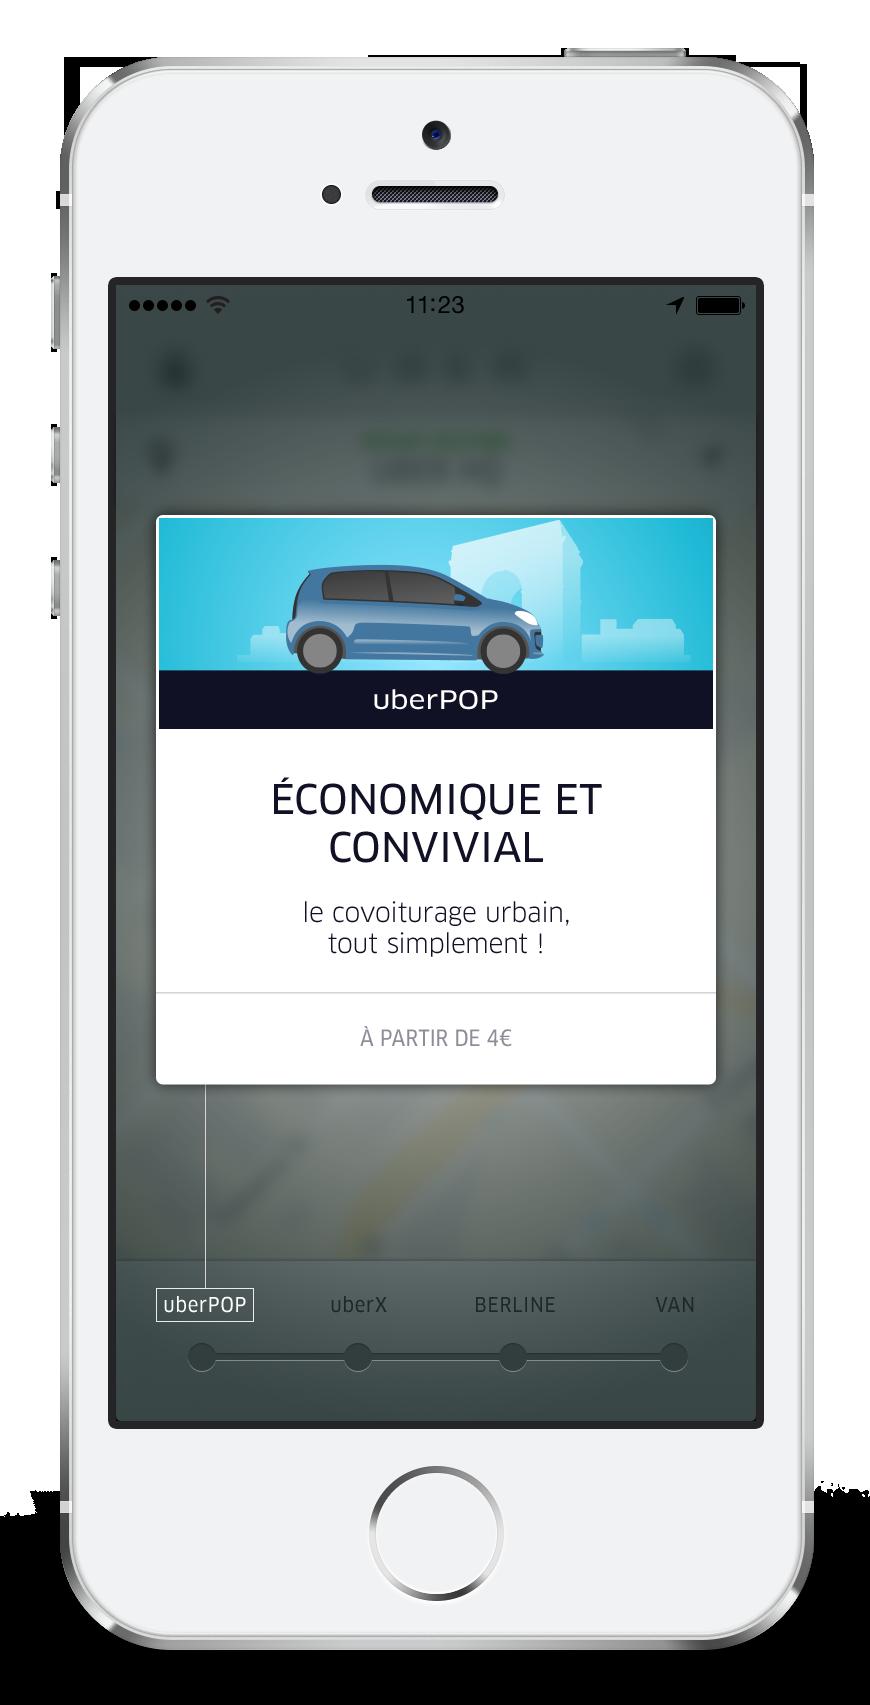 appli uberPOP